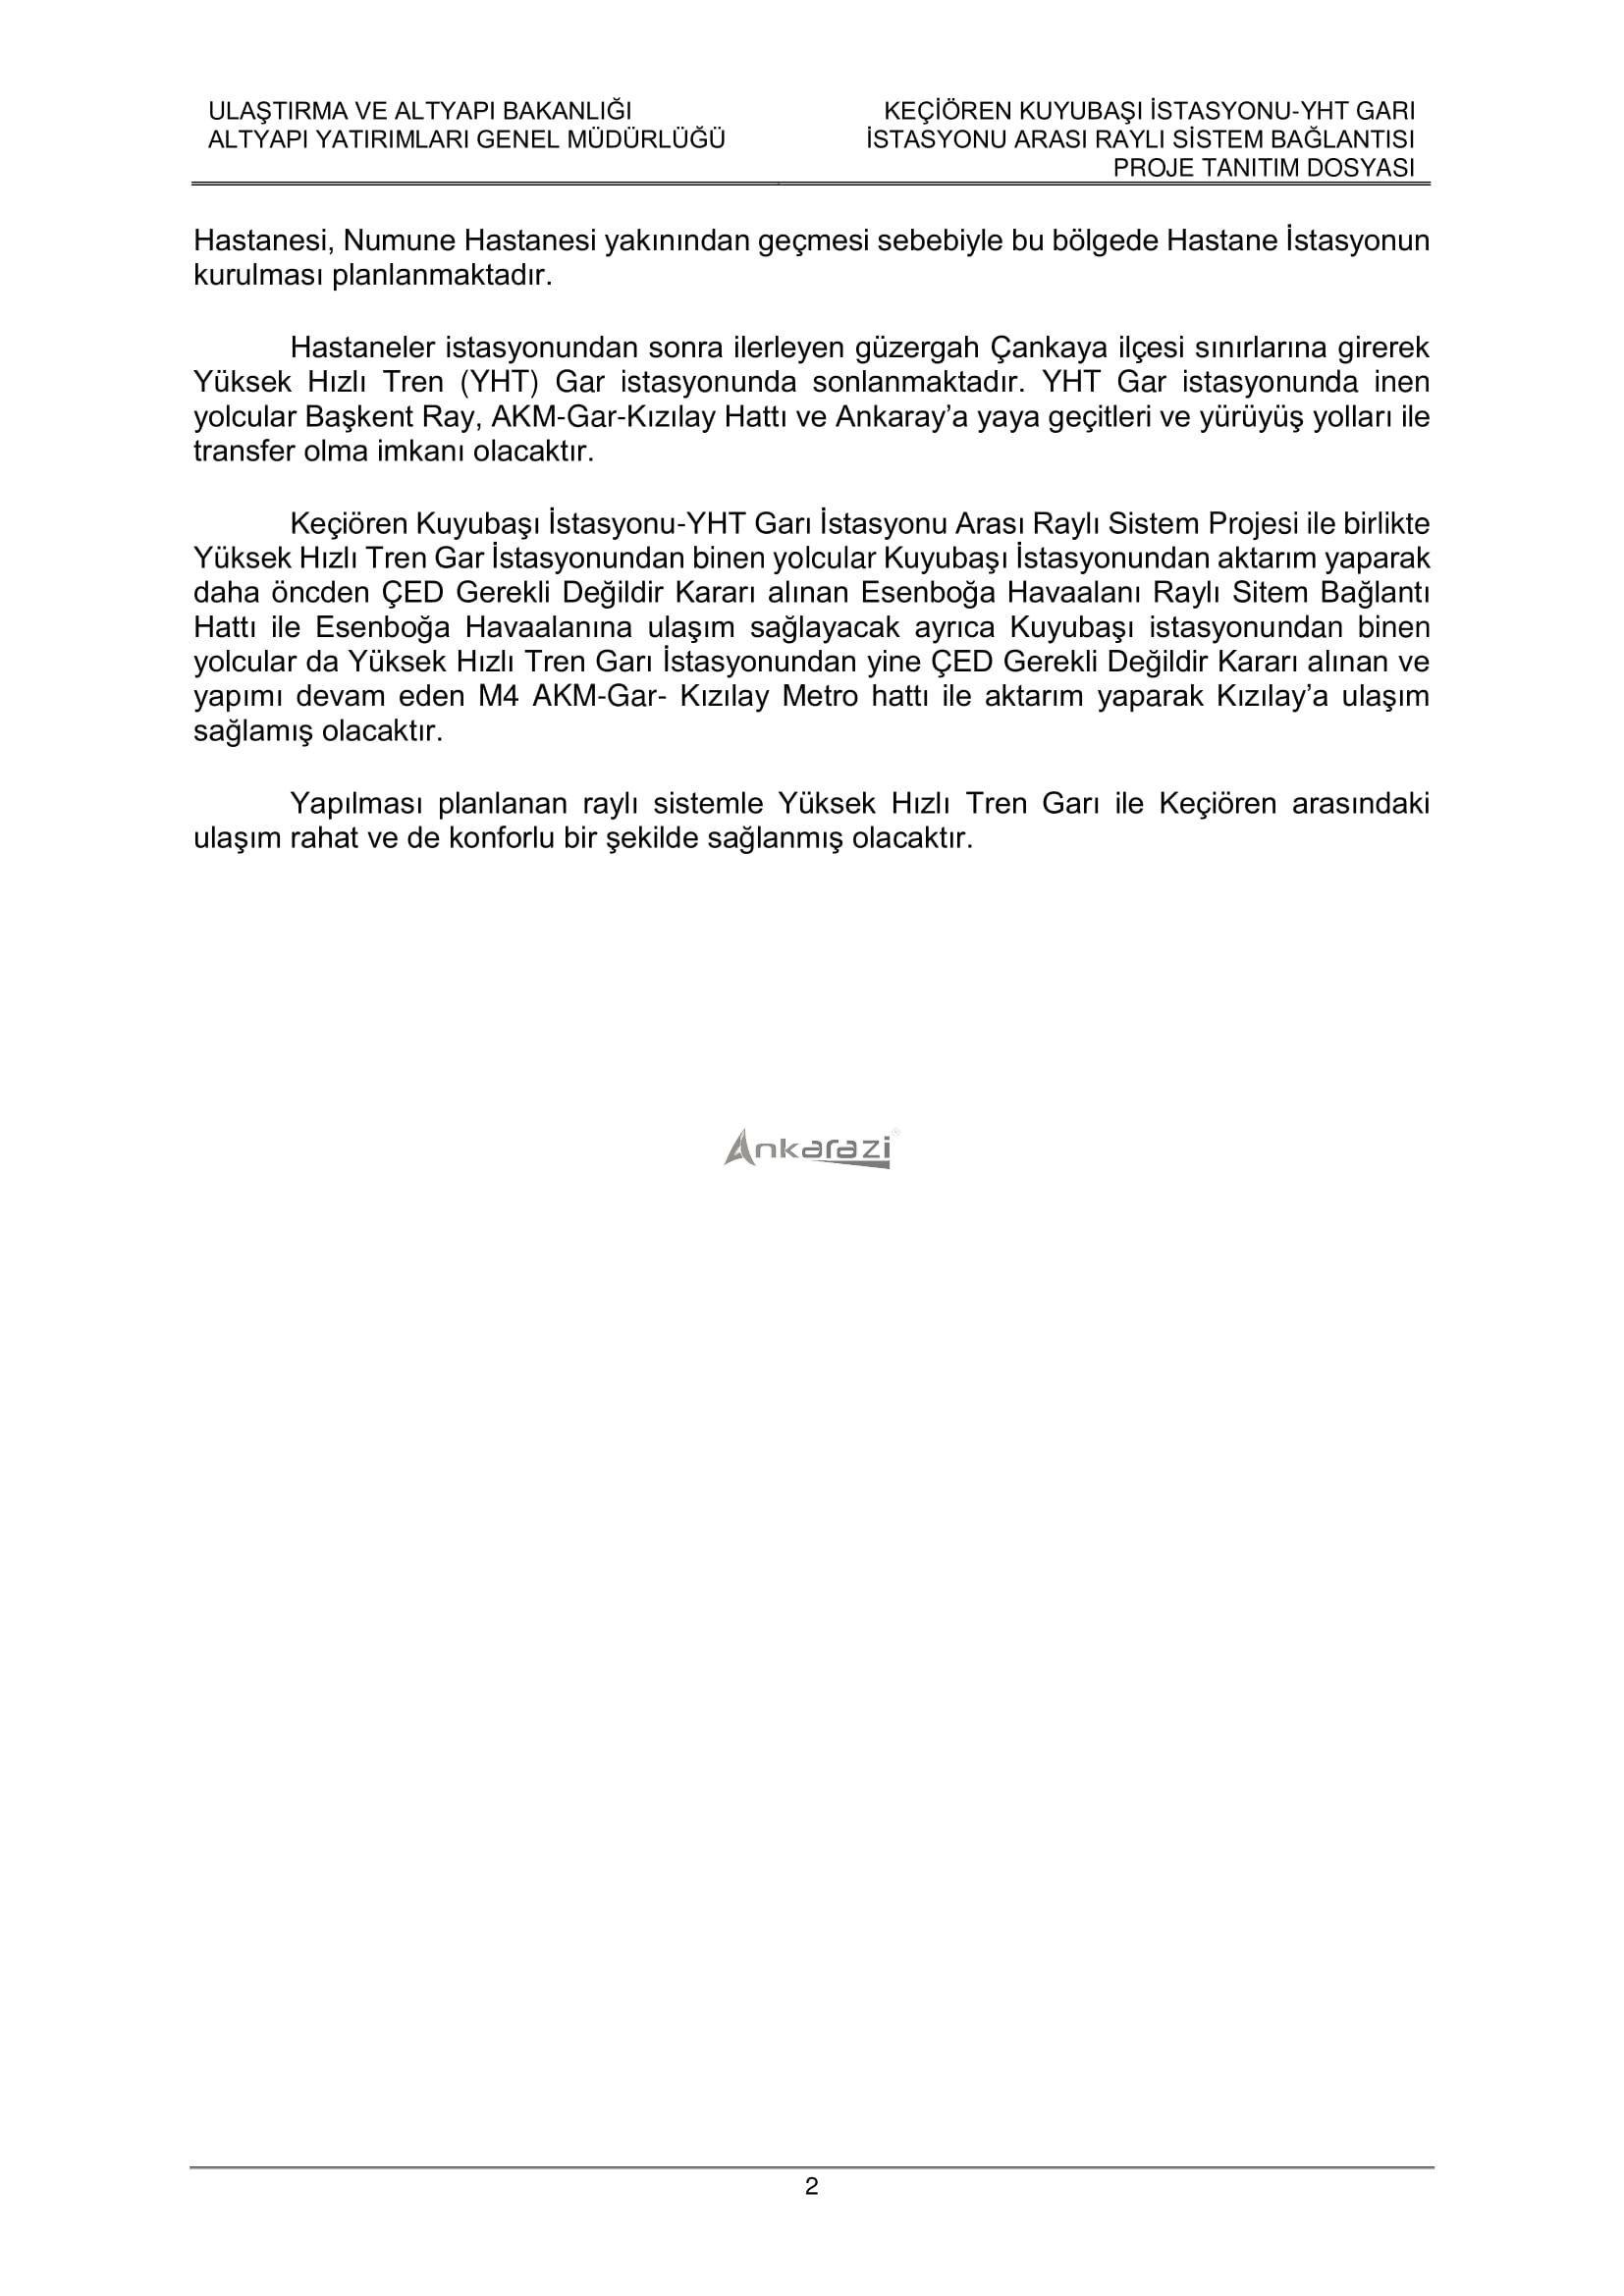 Keçiören-Siteler-YHT Garı Metro Hattı, Nihai Proje Dosyası... 3690